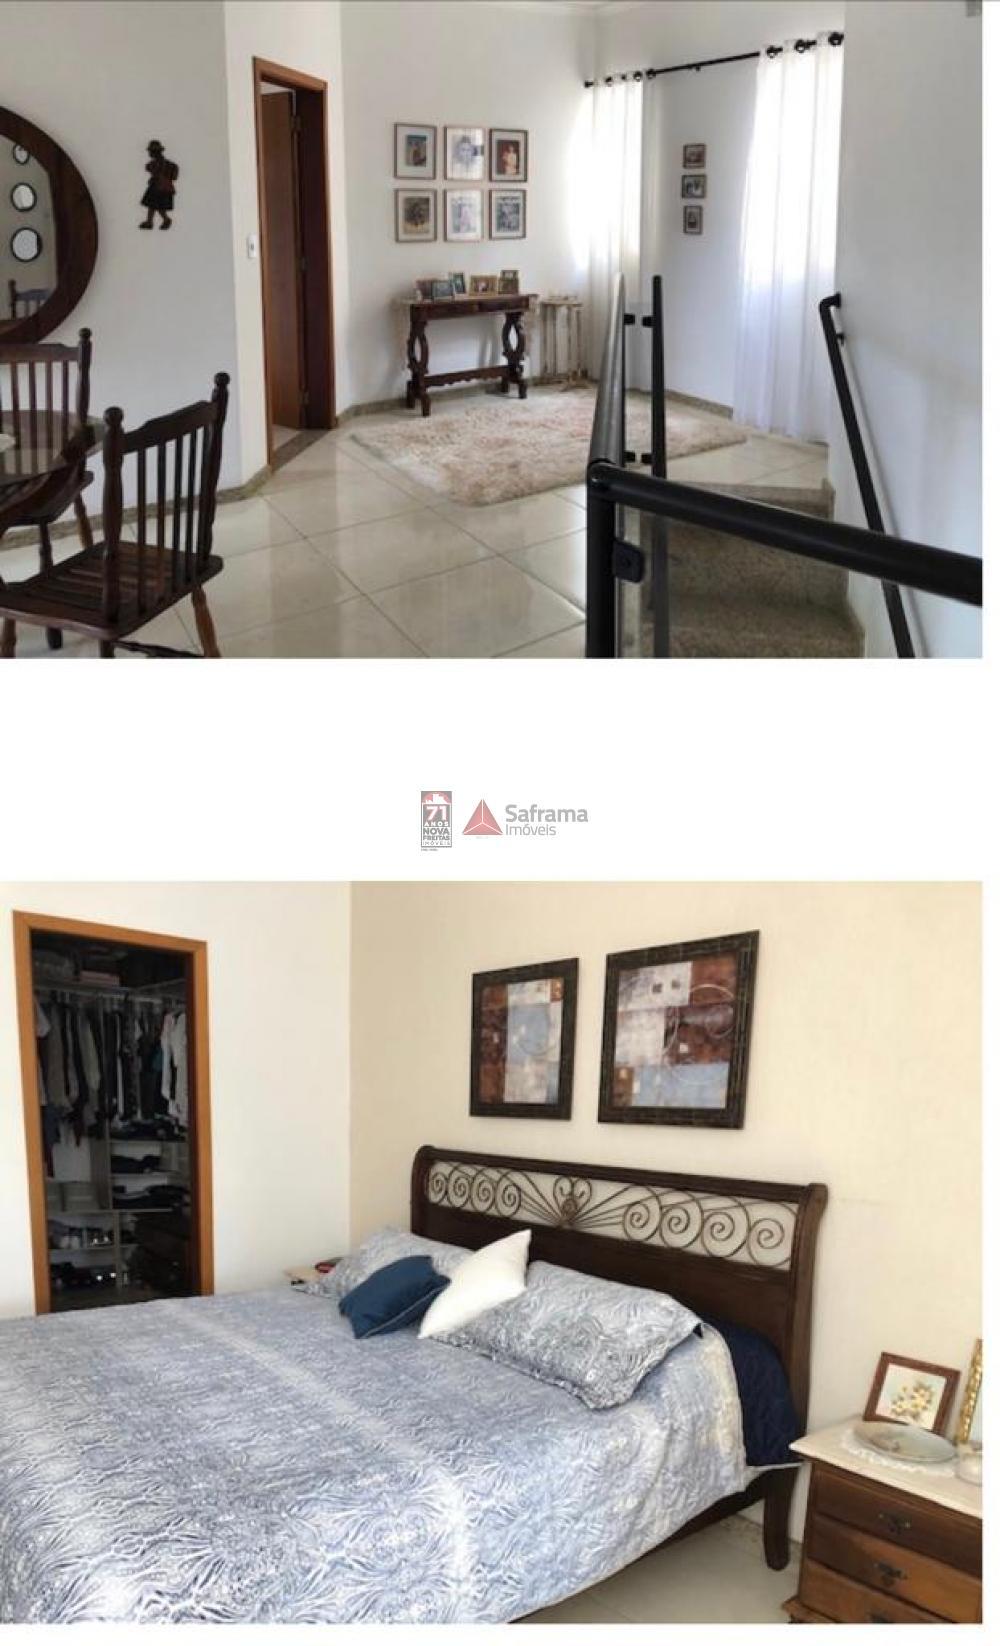 Comprar Casa / Sobrado em Aparecida apenas R$ 999.000,00 - Foto 6